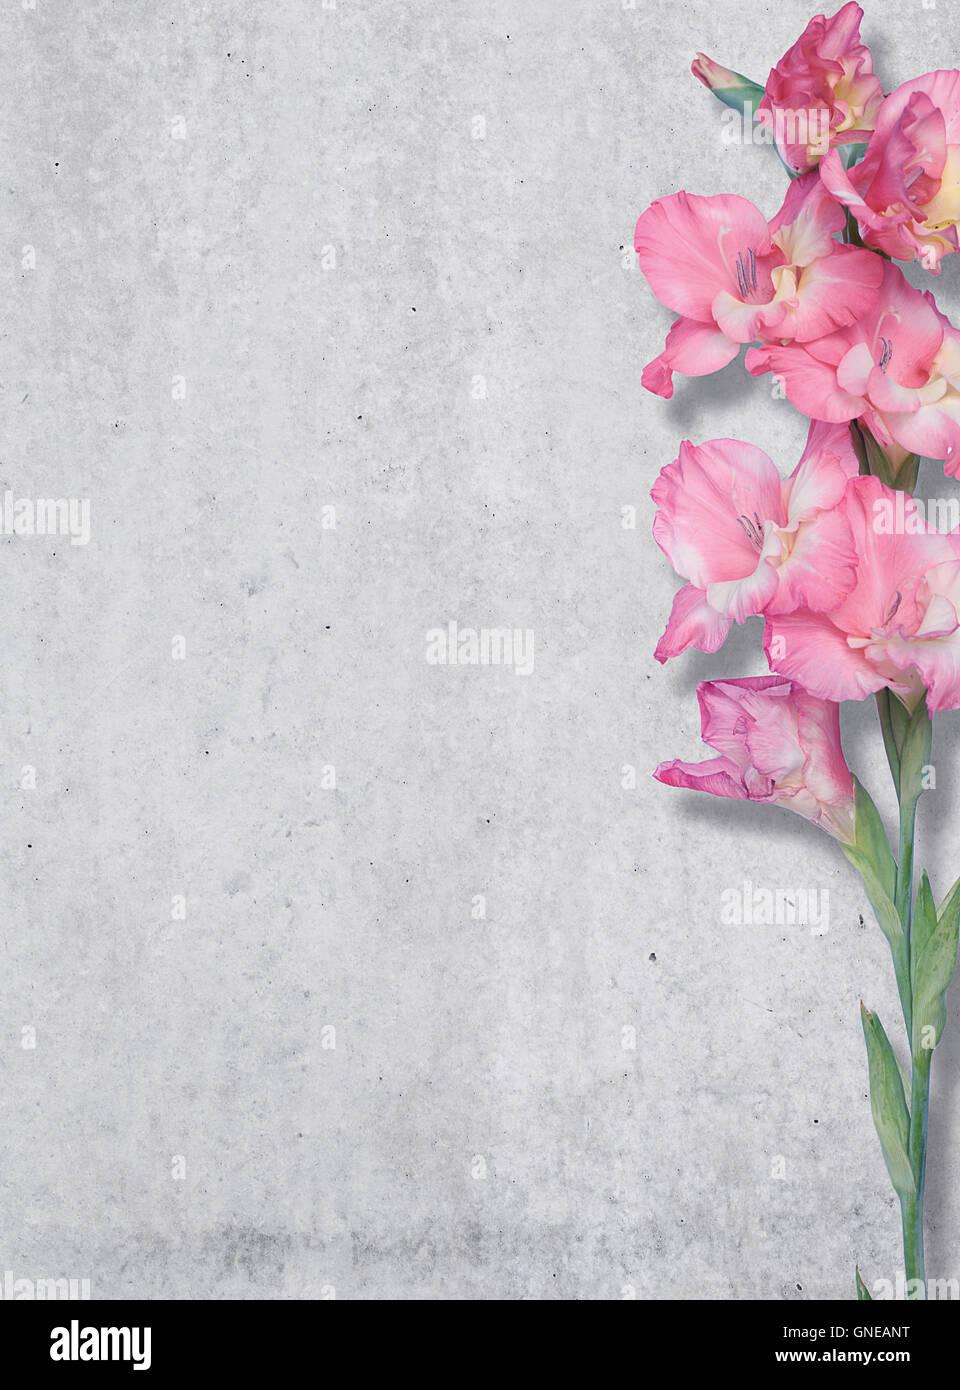 Rosa Lilie auf einem Hintergrund von einer Betonwand, Textur, freien Platz. Stockfoto